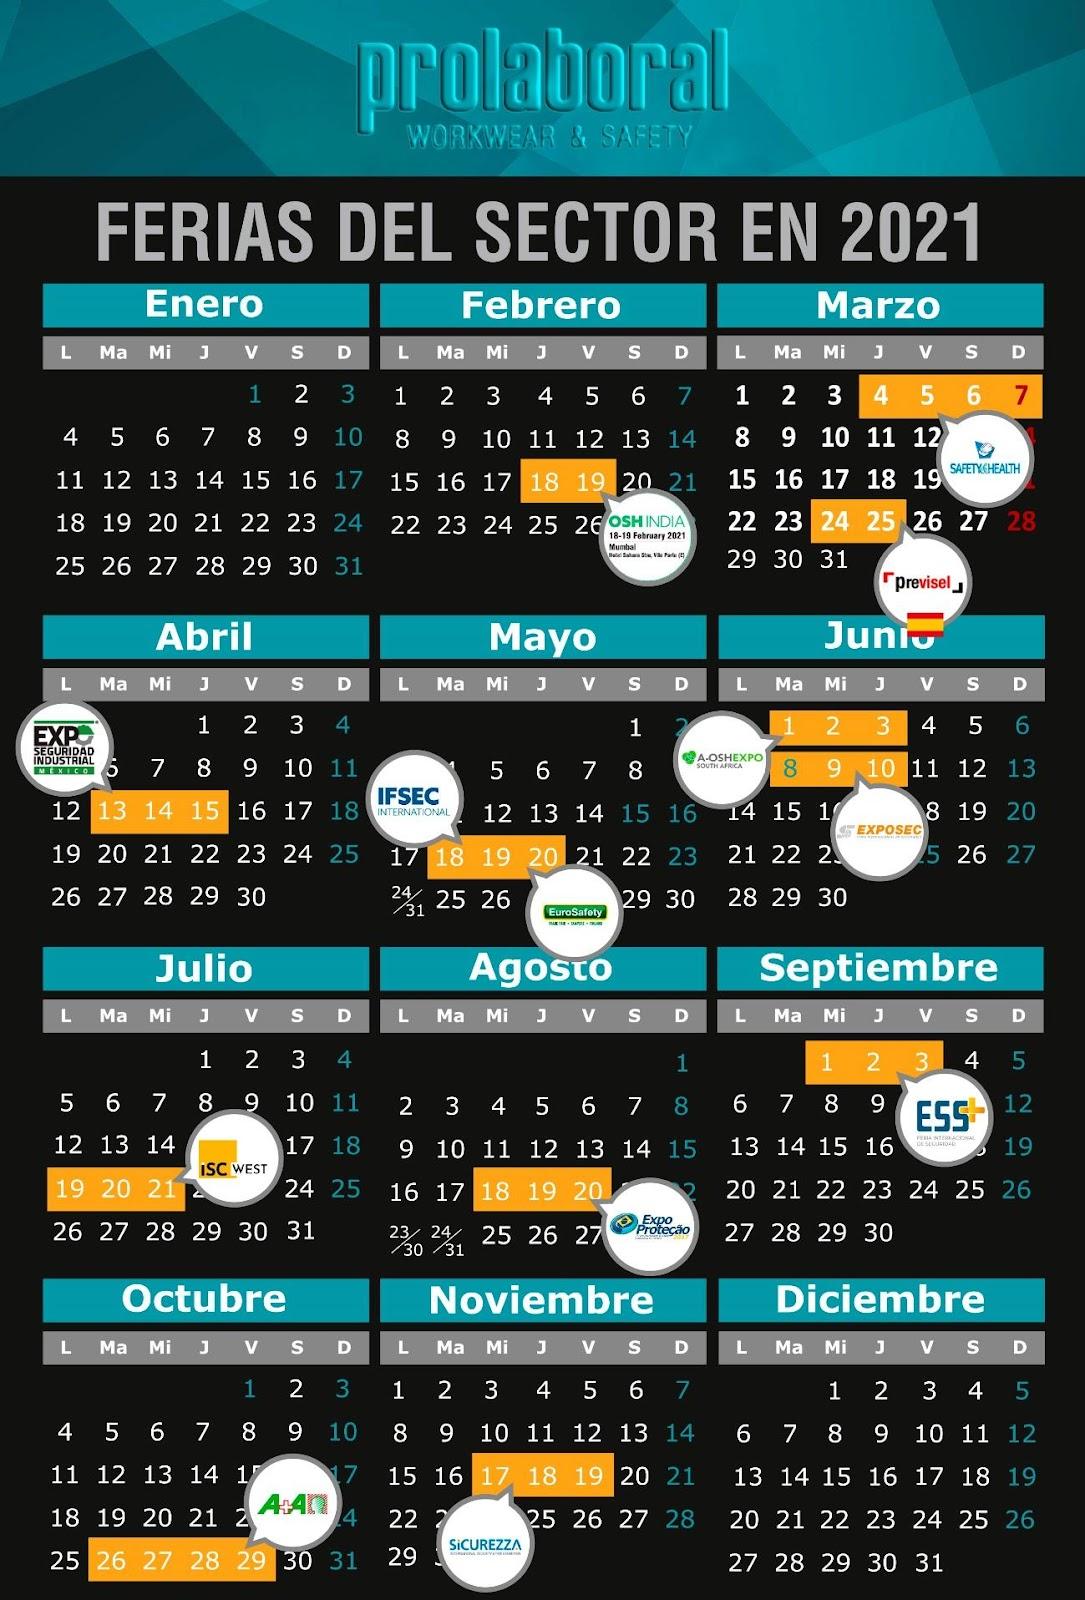 Calendario de ferias de seguridad laboral 2021